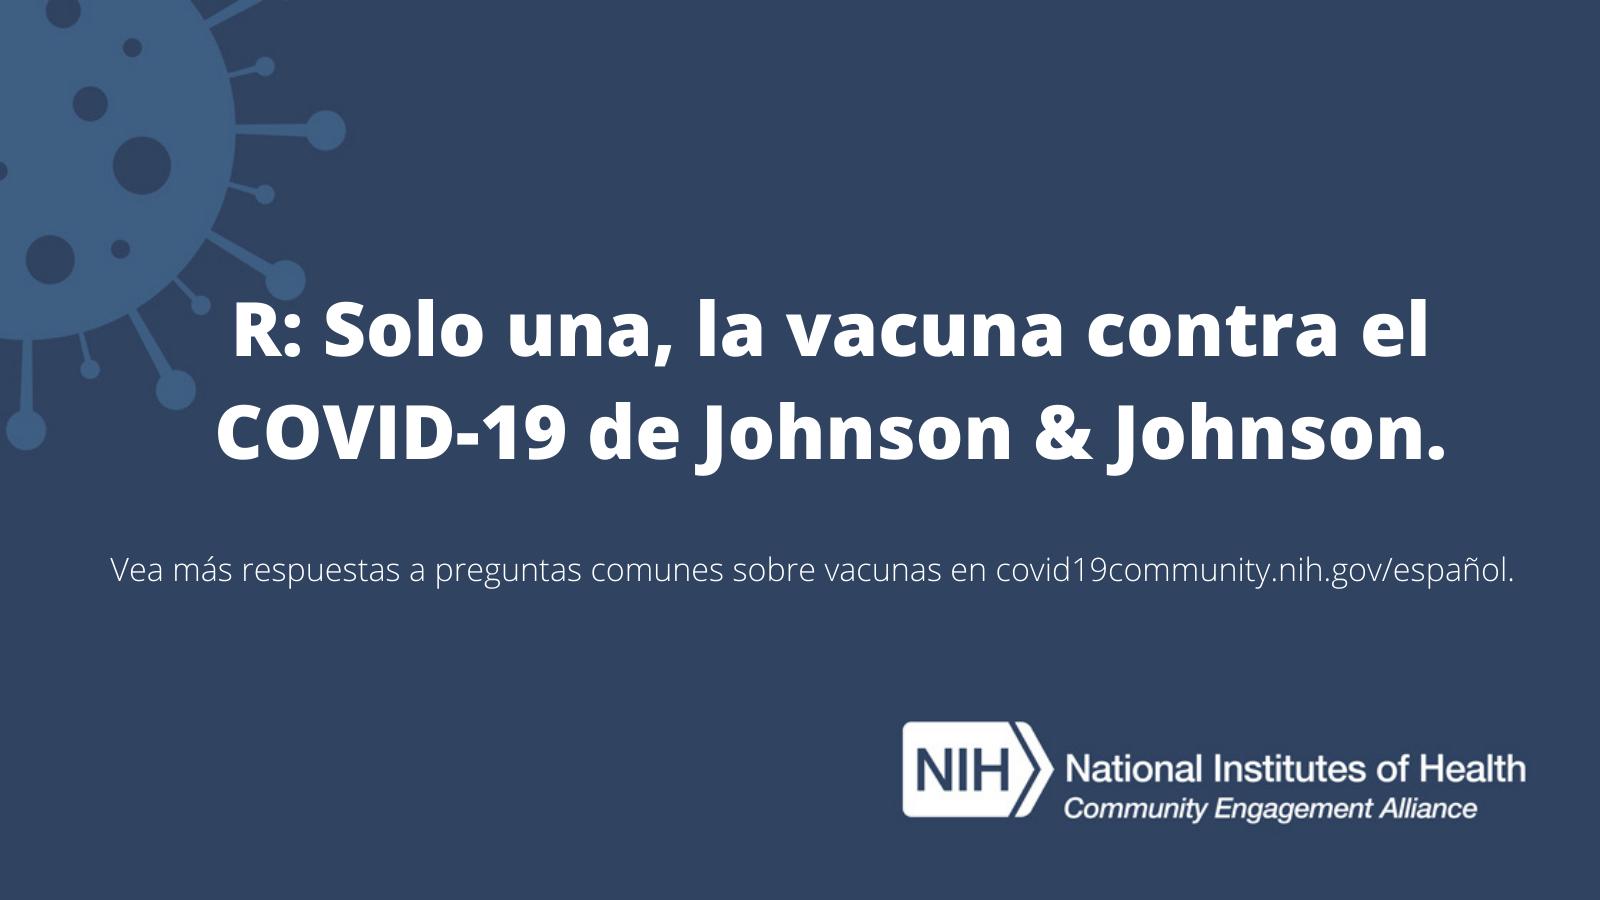 R: Solo una, la vacuna contra el COVID-19 de Johnson & Johnson. Vea más respuestas a preguntas comunes sobre las vacunas en covid19community.nih.gov/español.